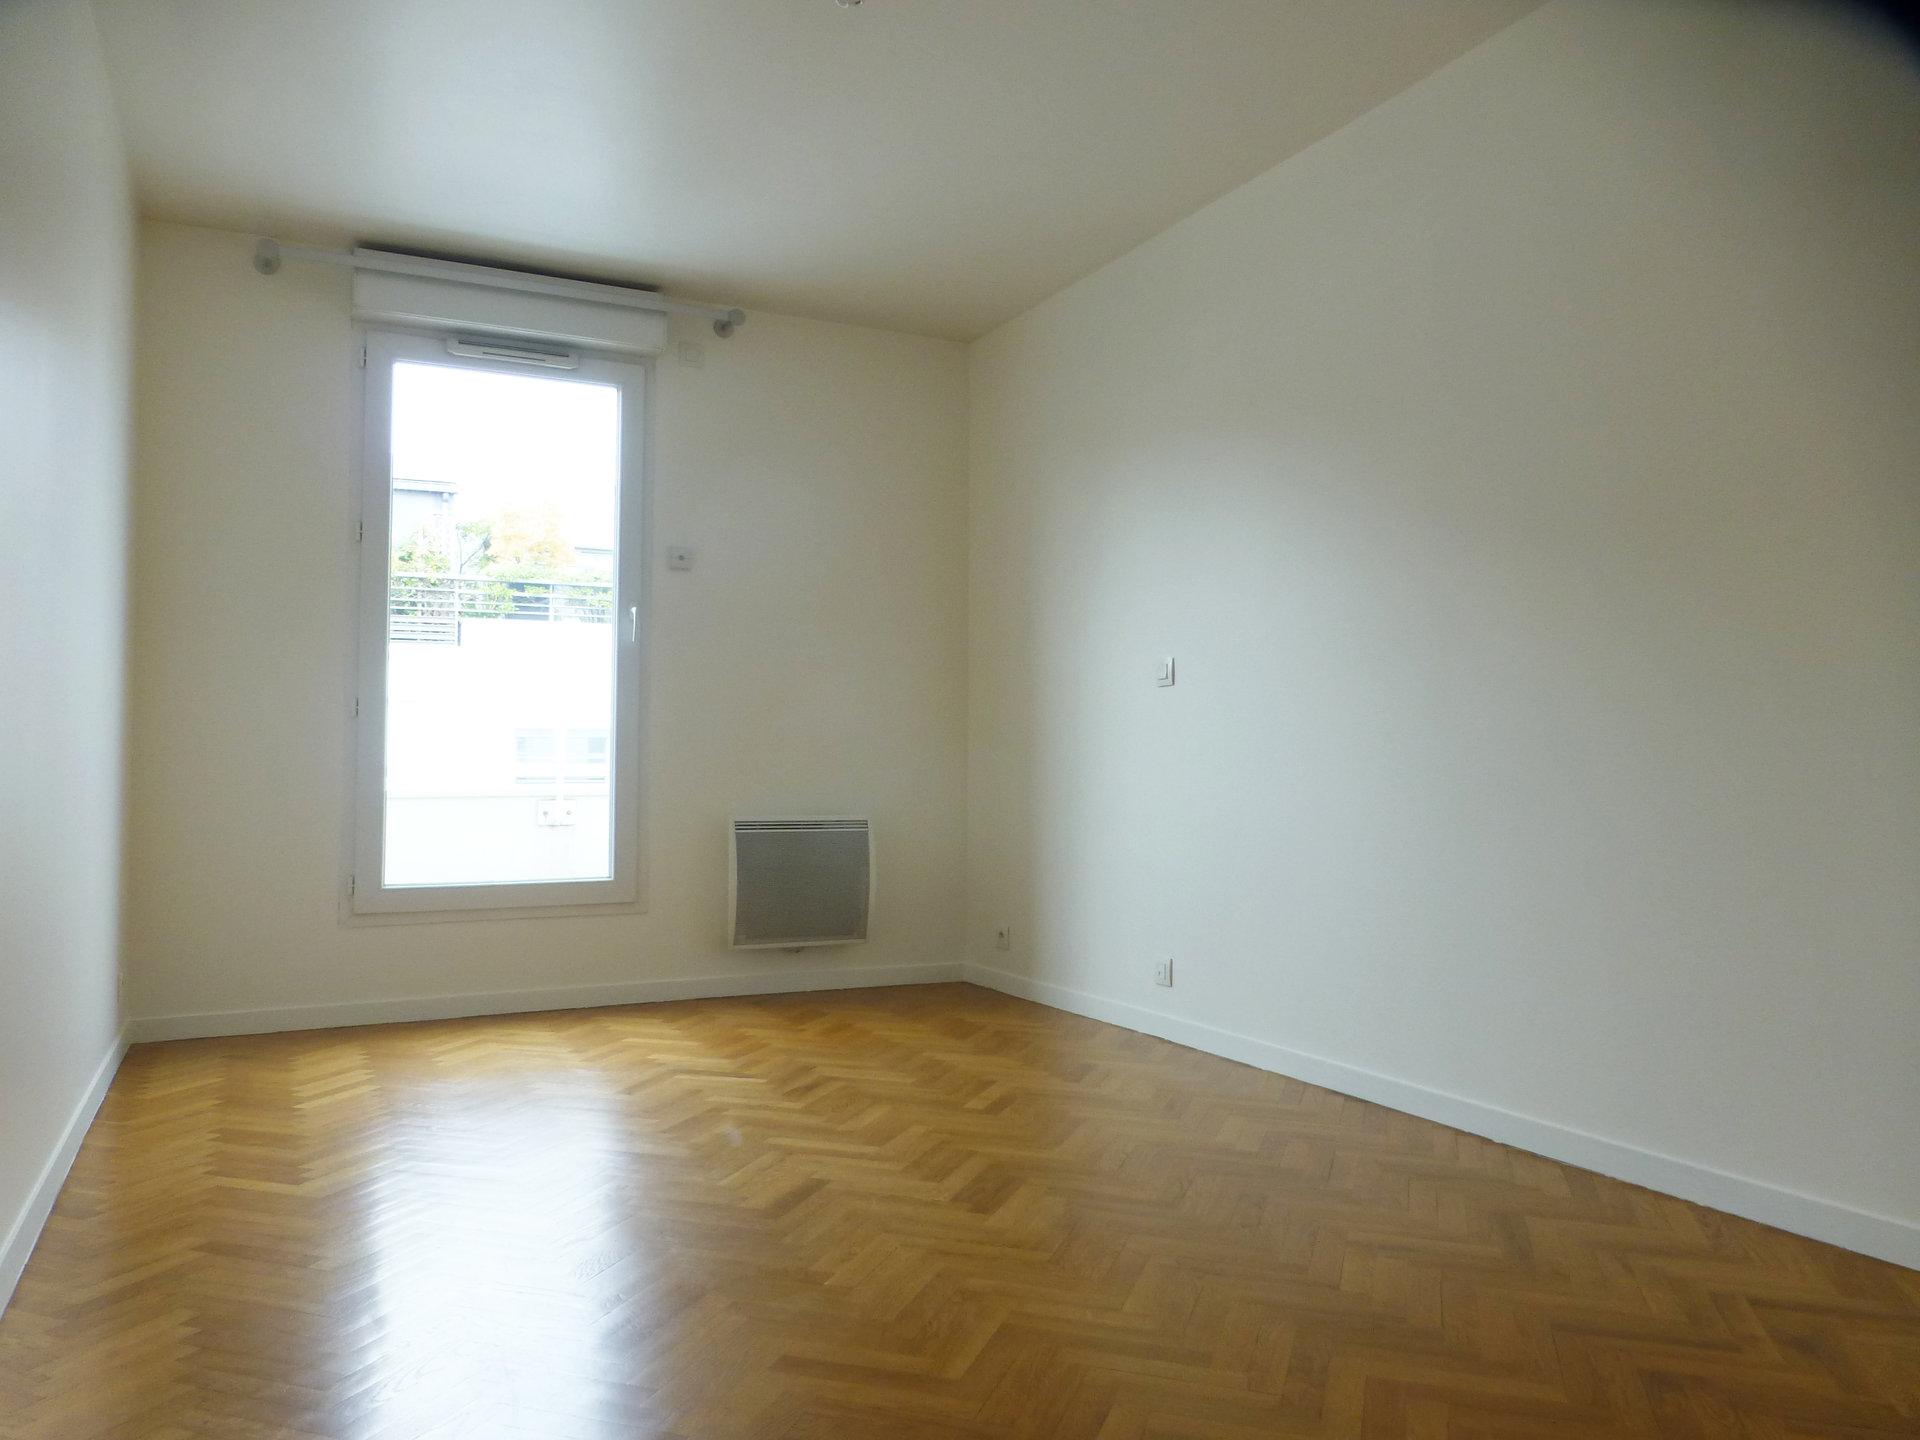 Appartement 3 pièces 83.92 m² 75013